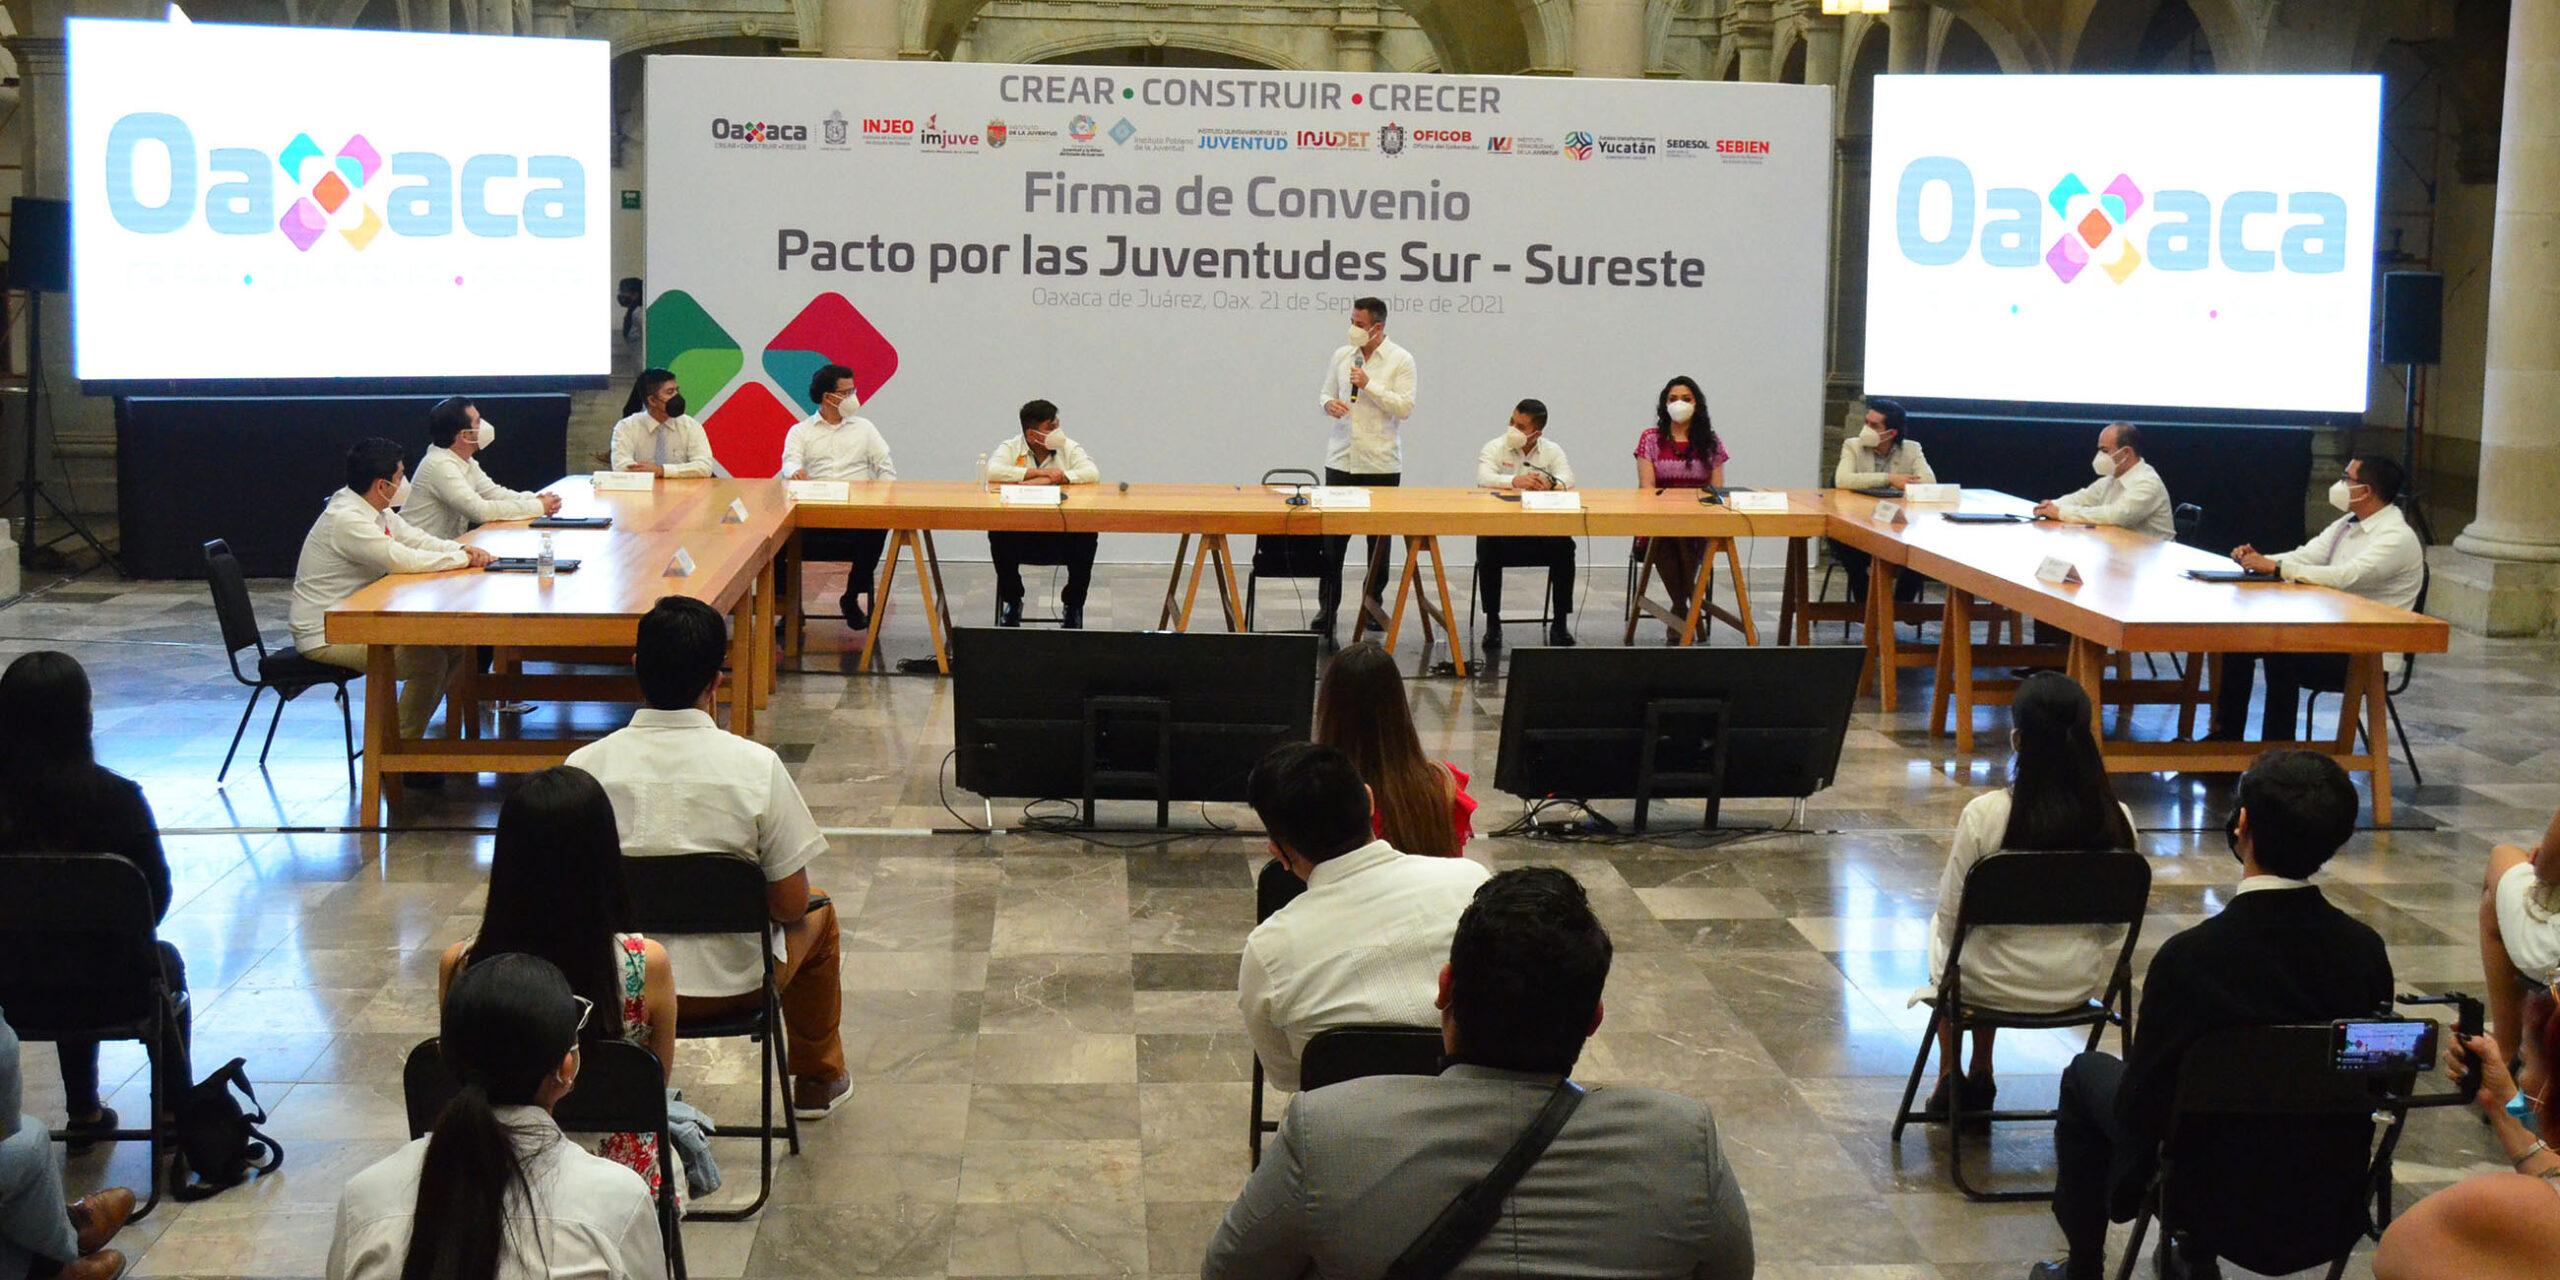 Con proyectos estratégicos, avanzará sur sureste: Murat | El Imparcial de Oaxaca